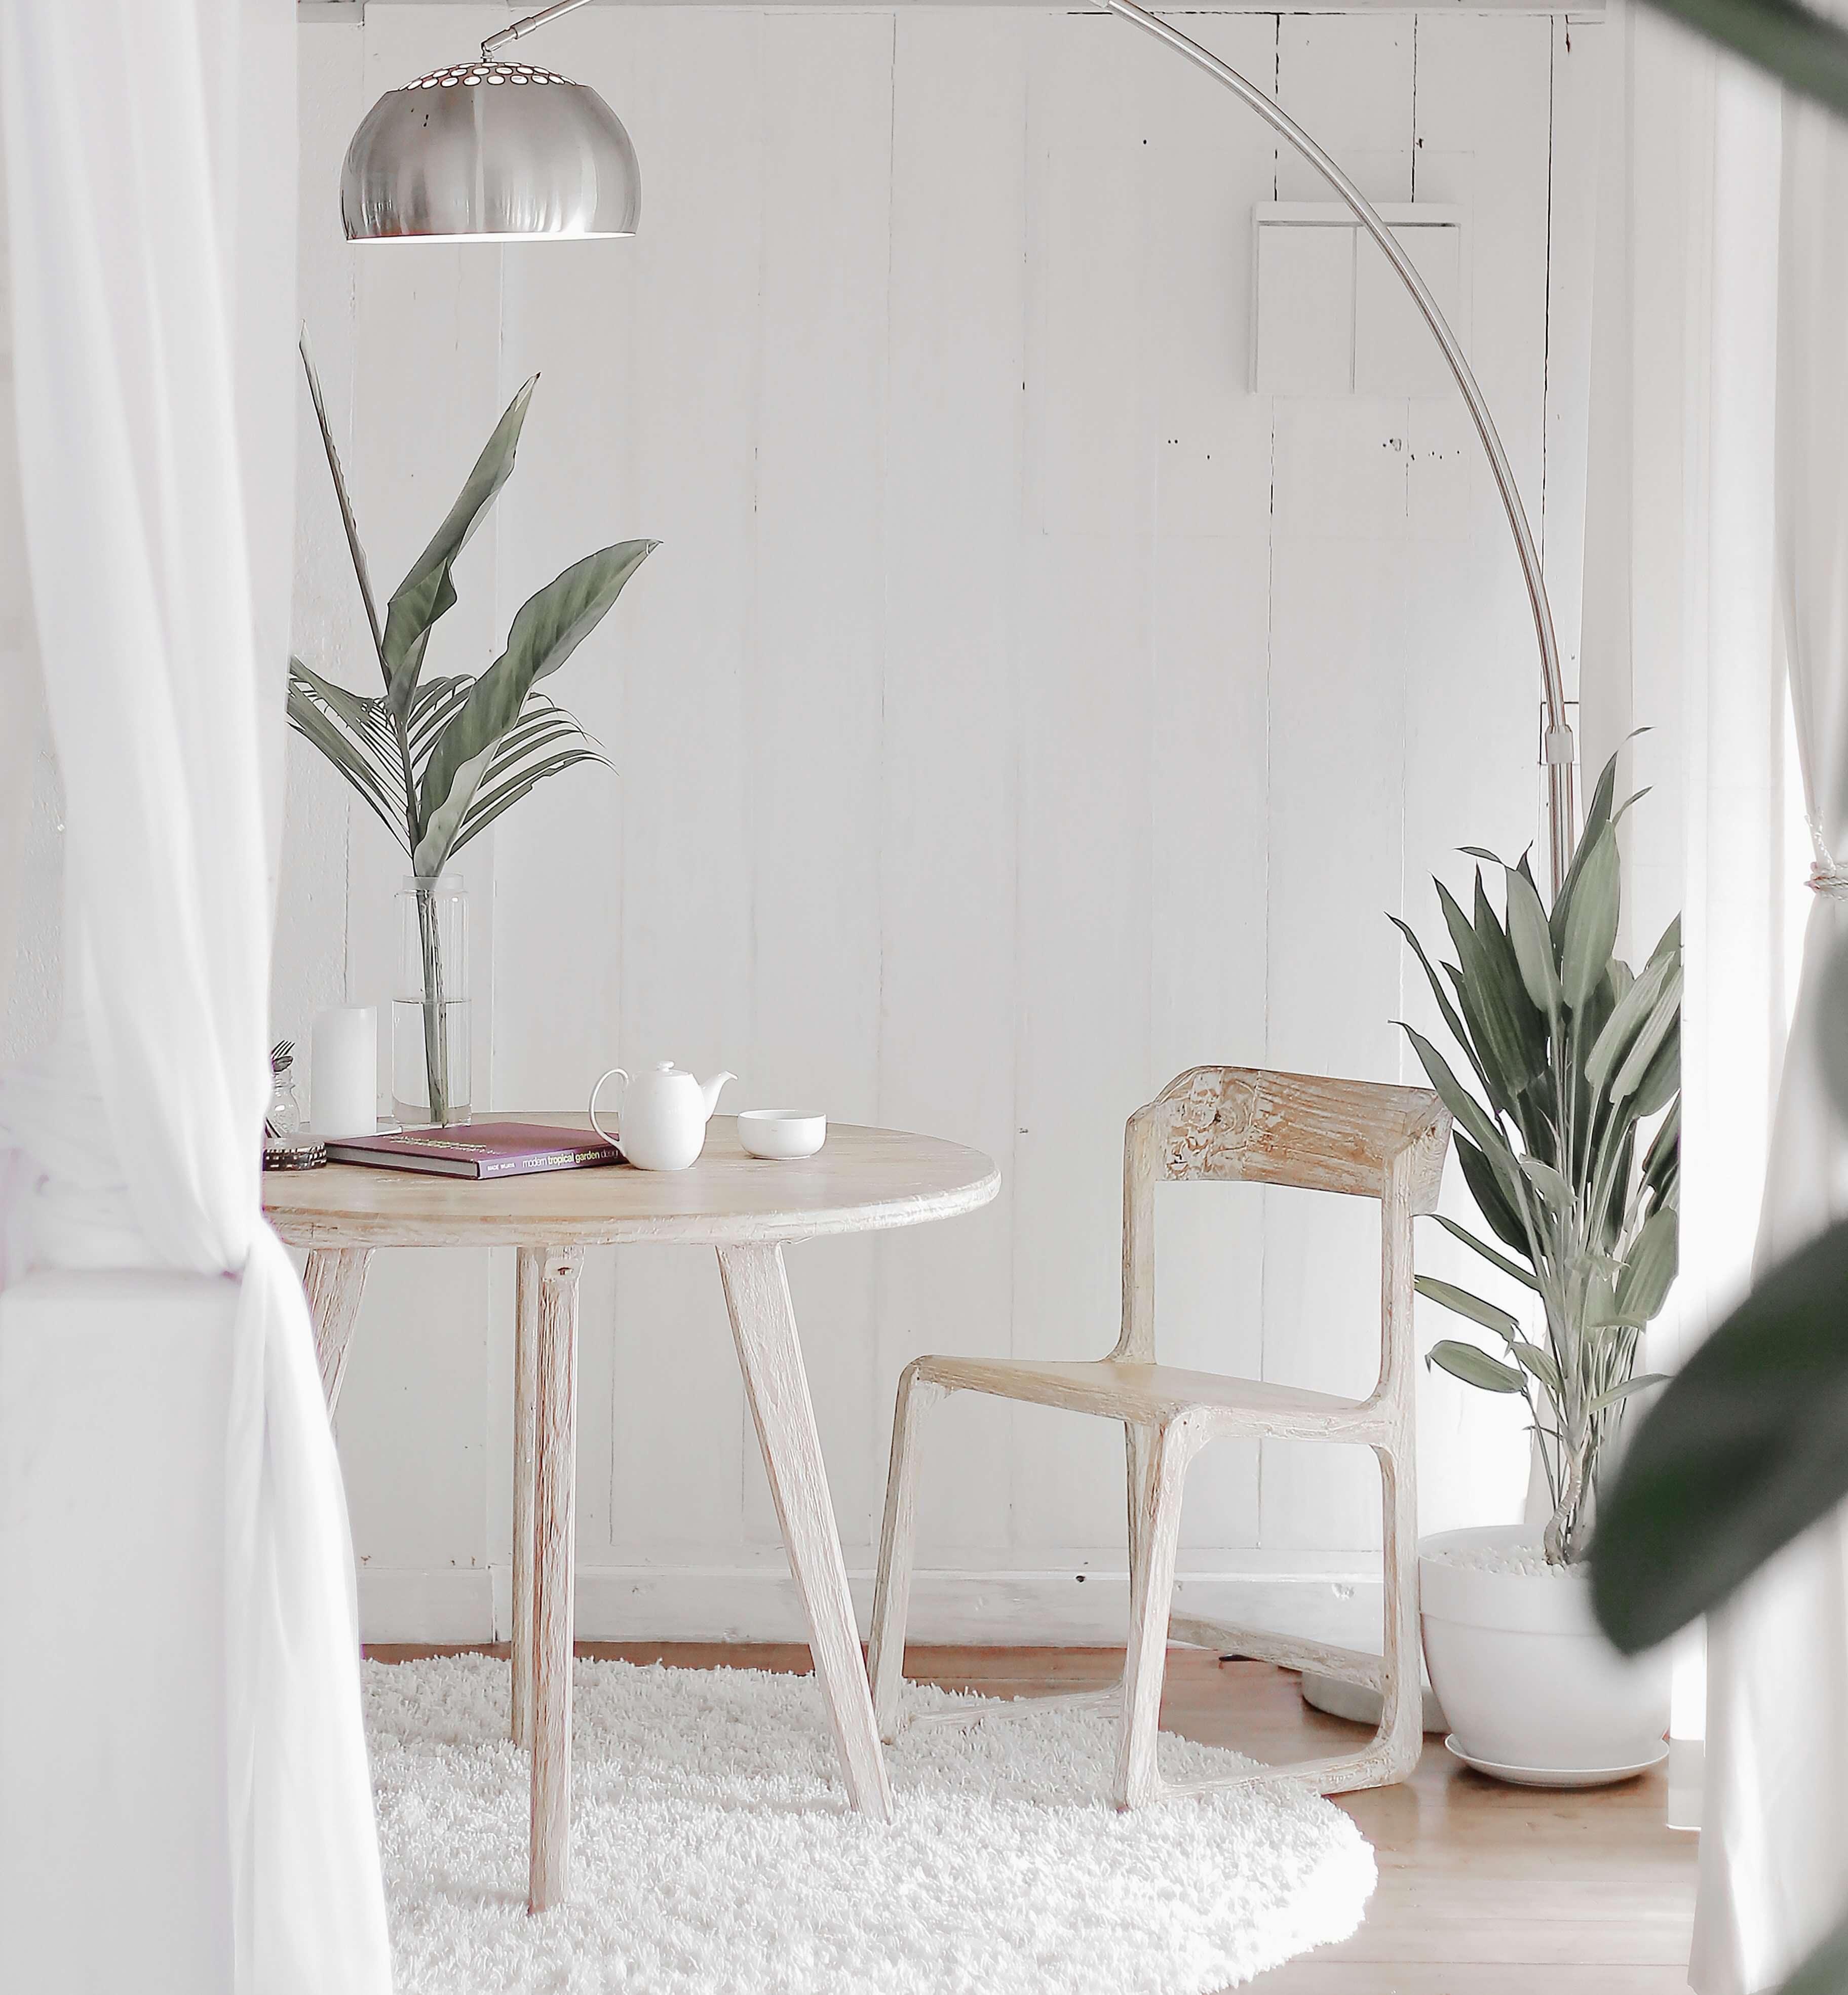 meuble en bois comment en prendre soin